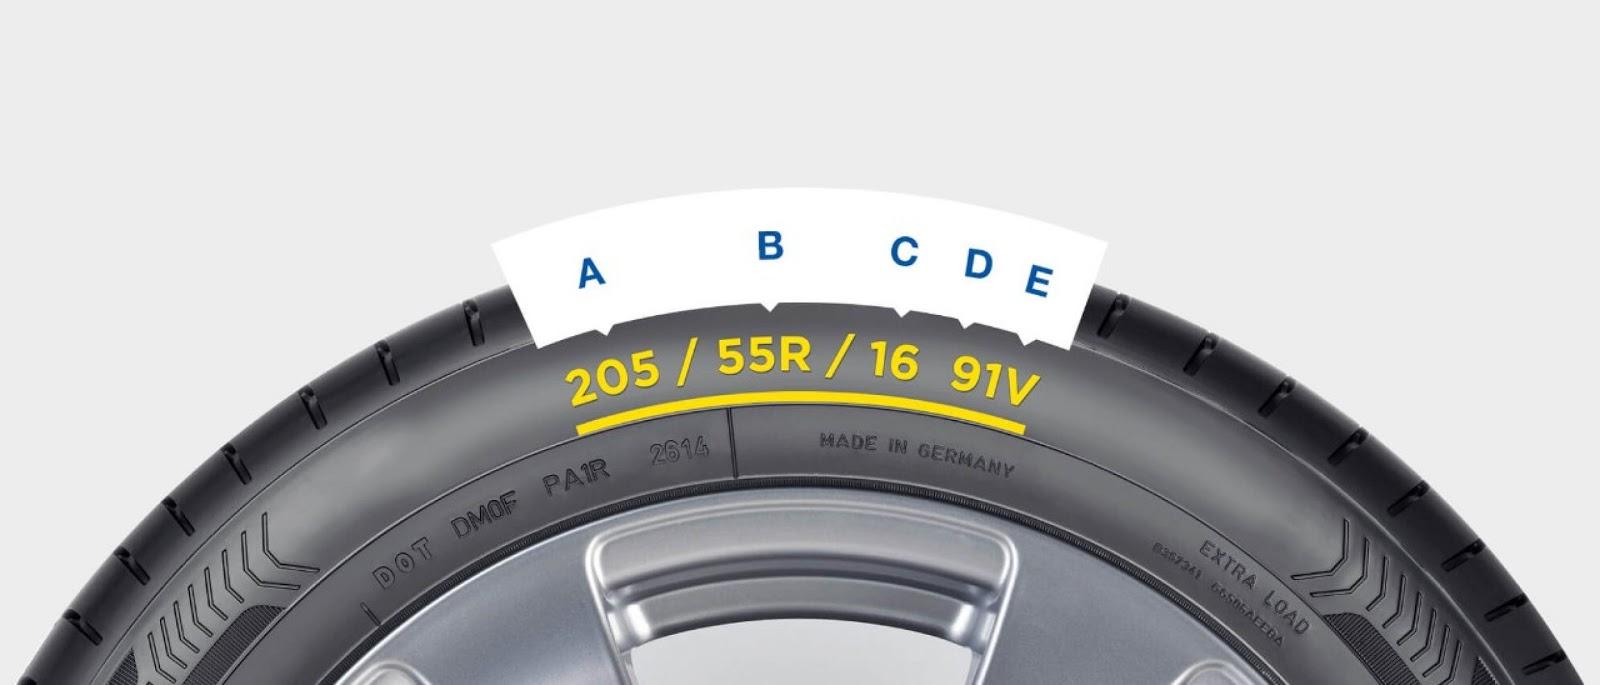 tyre markings.jpg